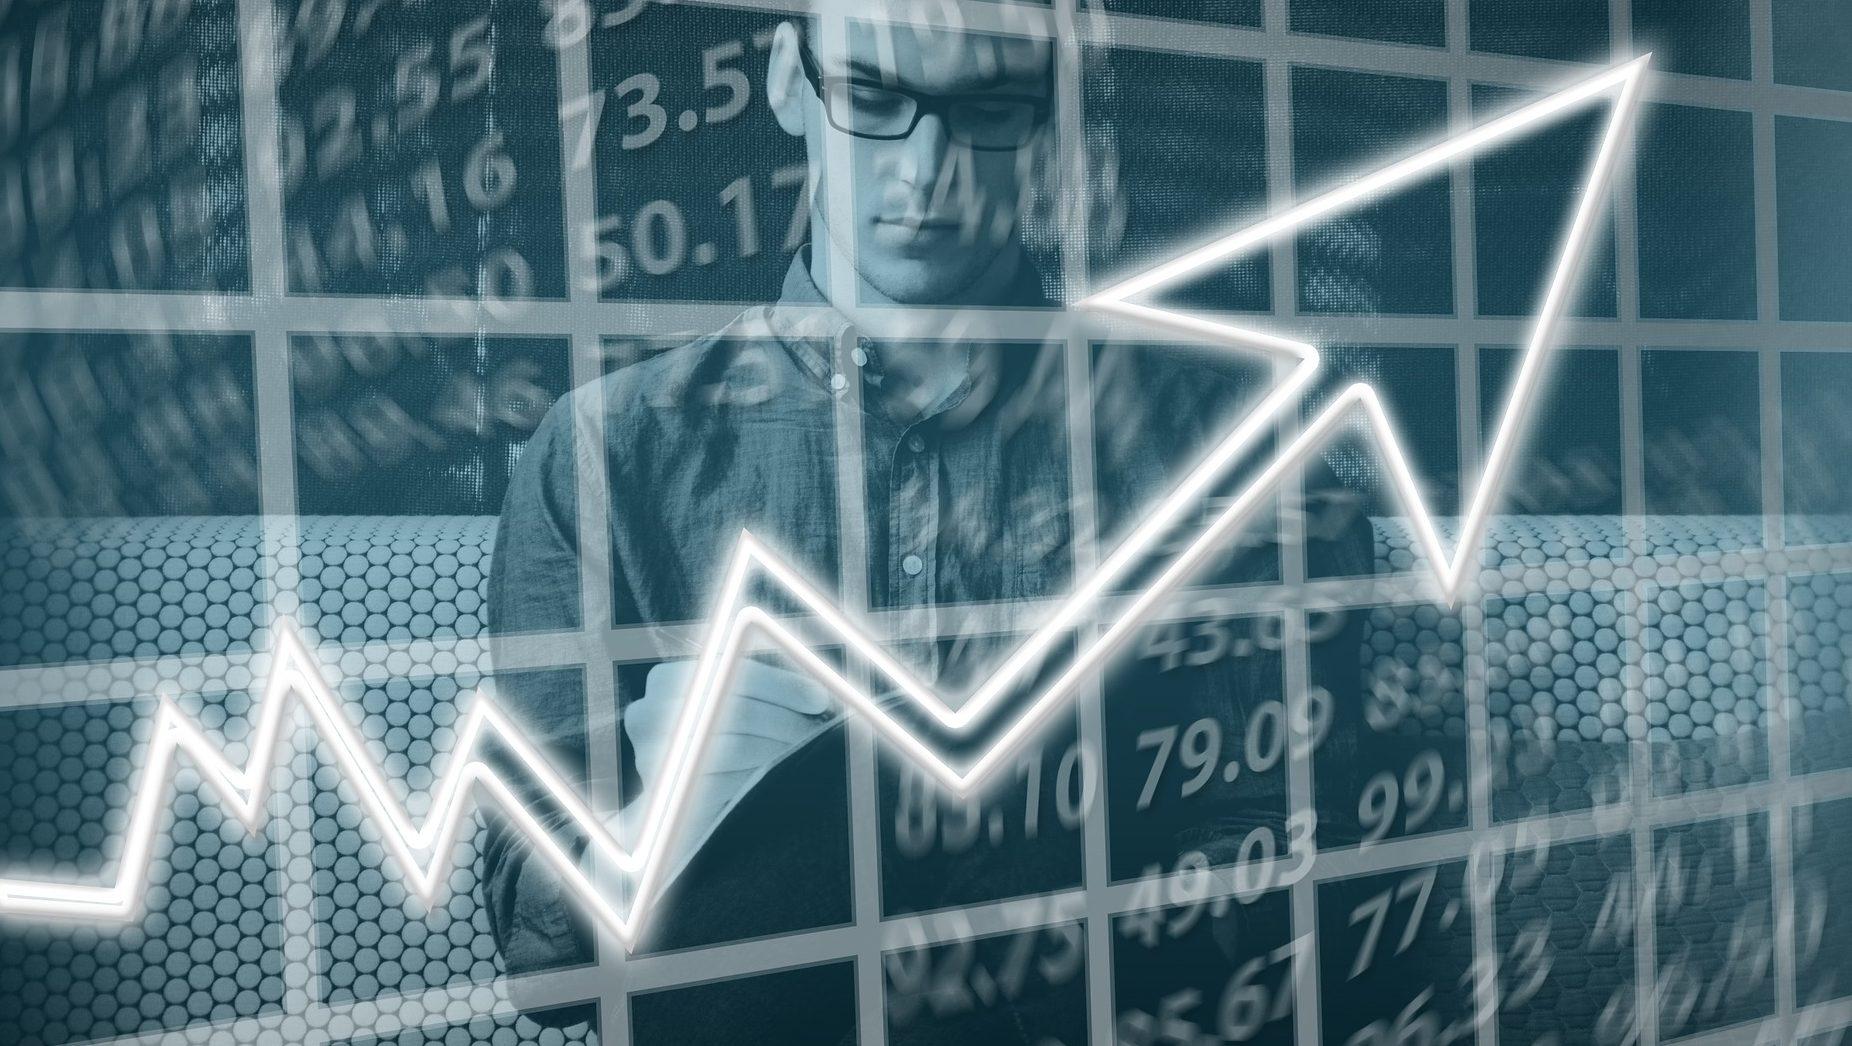 תשואות ביטוחי מנהלים: מגדל היא היחידה עם תשואה חיובית לחודש יוני – עלייה של 0.06%